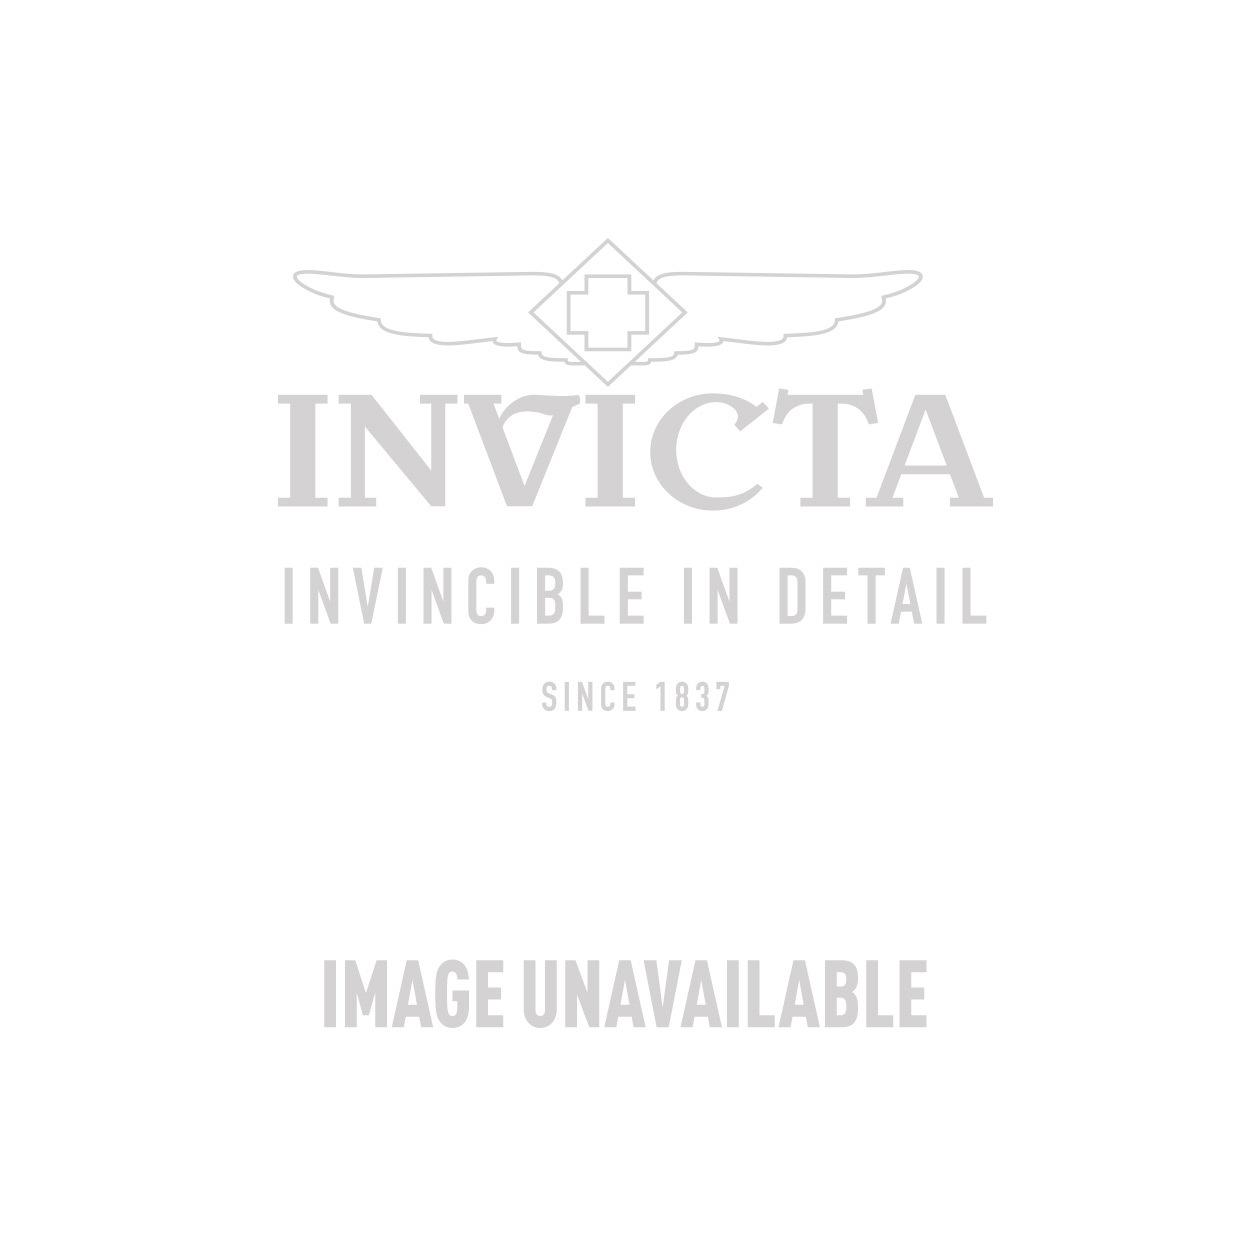 Invicta Model 24157